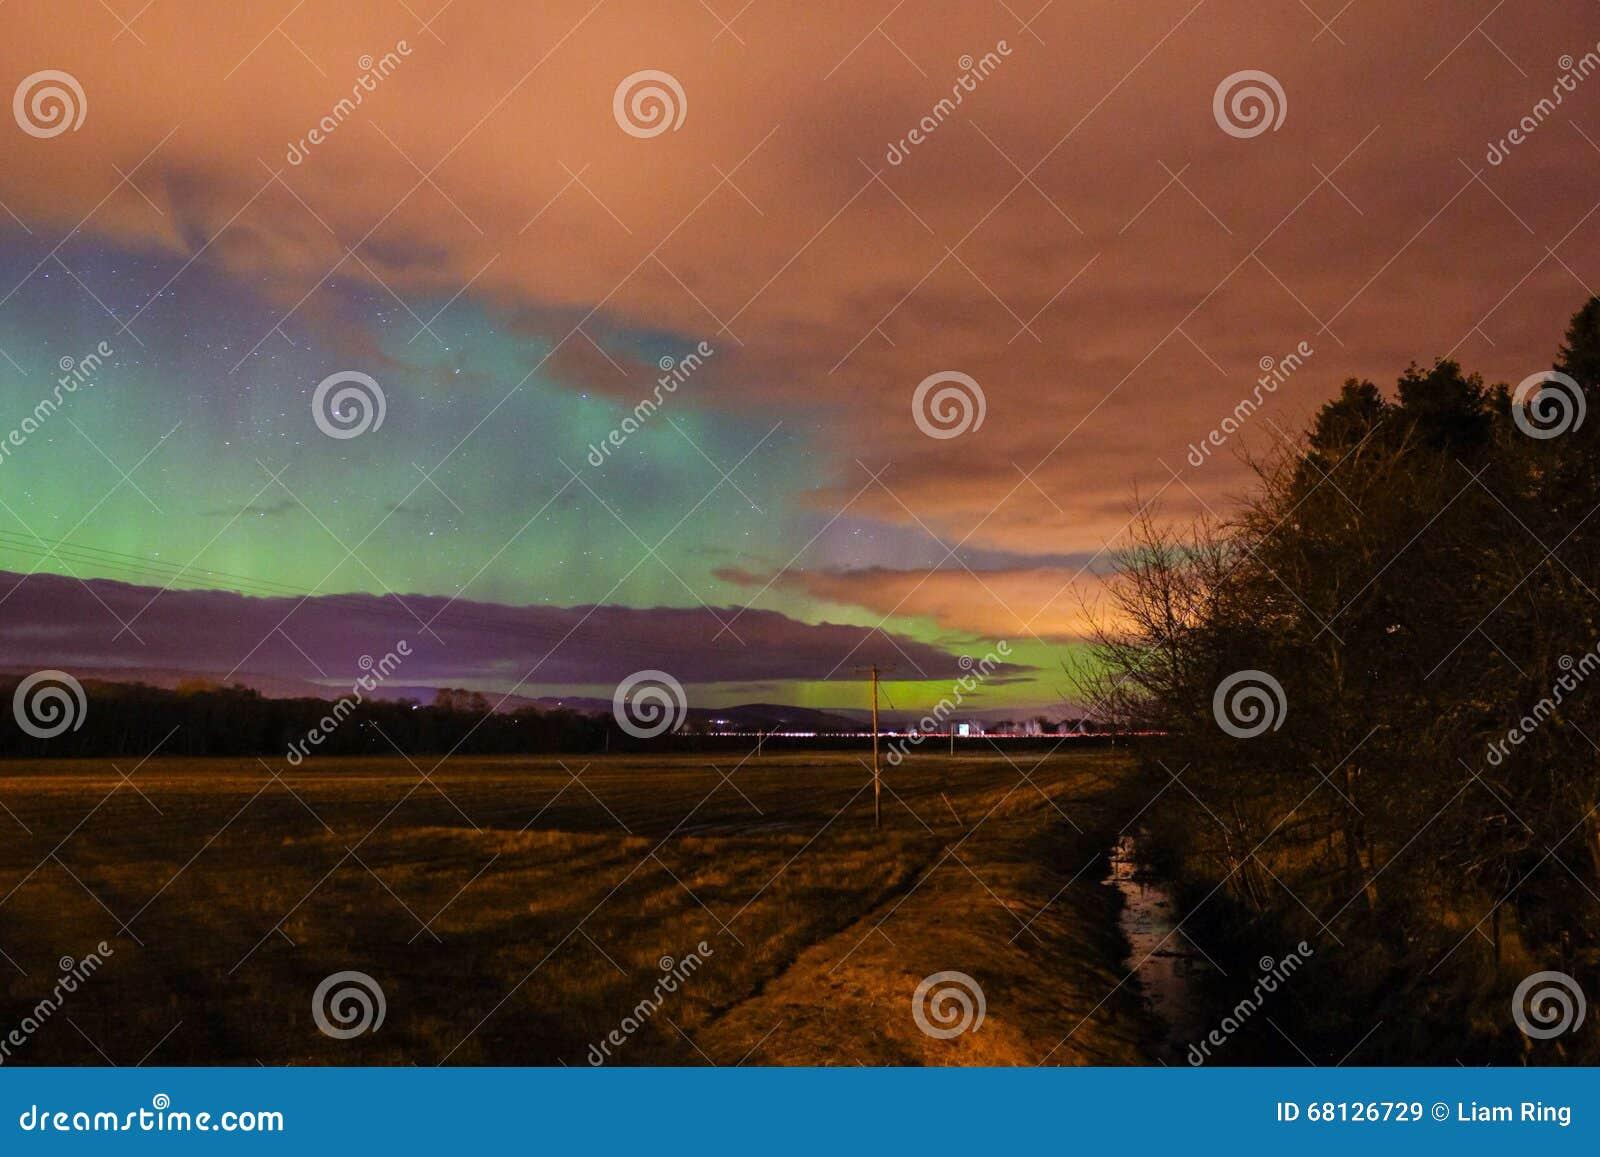 Aurora borealis-Nordlichter in Schottland